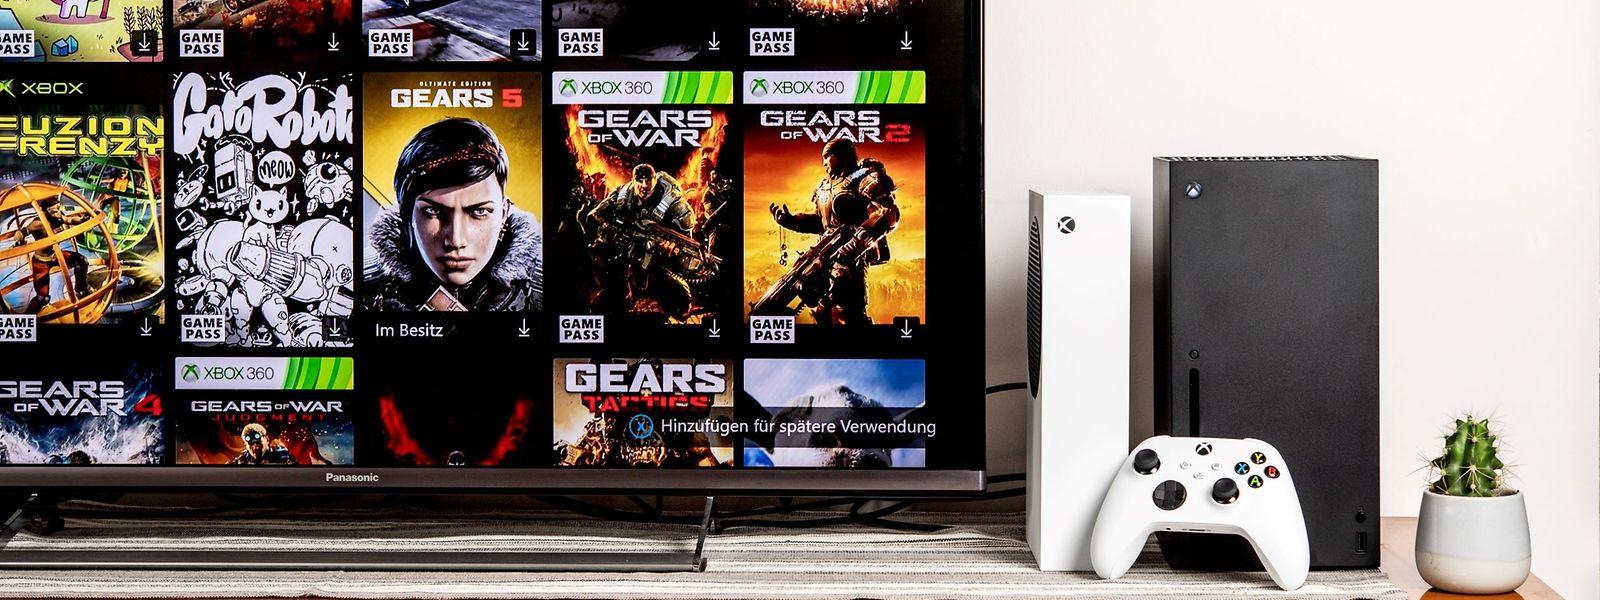 Zum Start der neuen Xbox-Konsolen stehen zwar jede Menge Spiele zur Wahl, in der Regel handelt es sich dabei aber um Titel, die auch schon für den Vorgänger Xbox One erschienen sind.